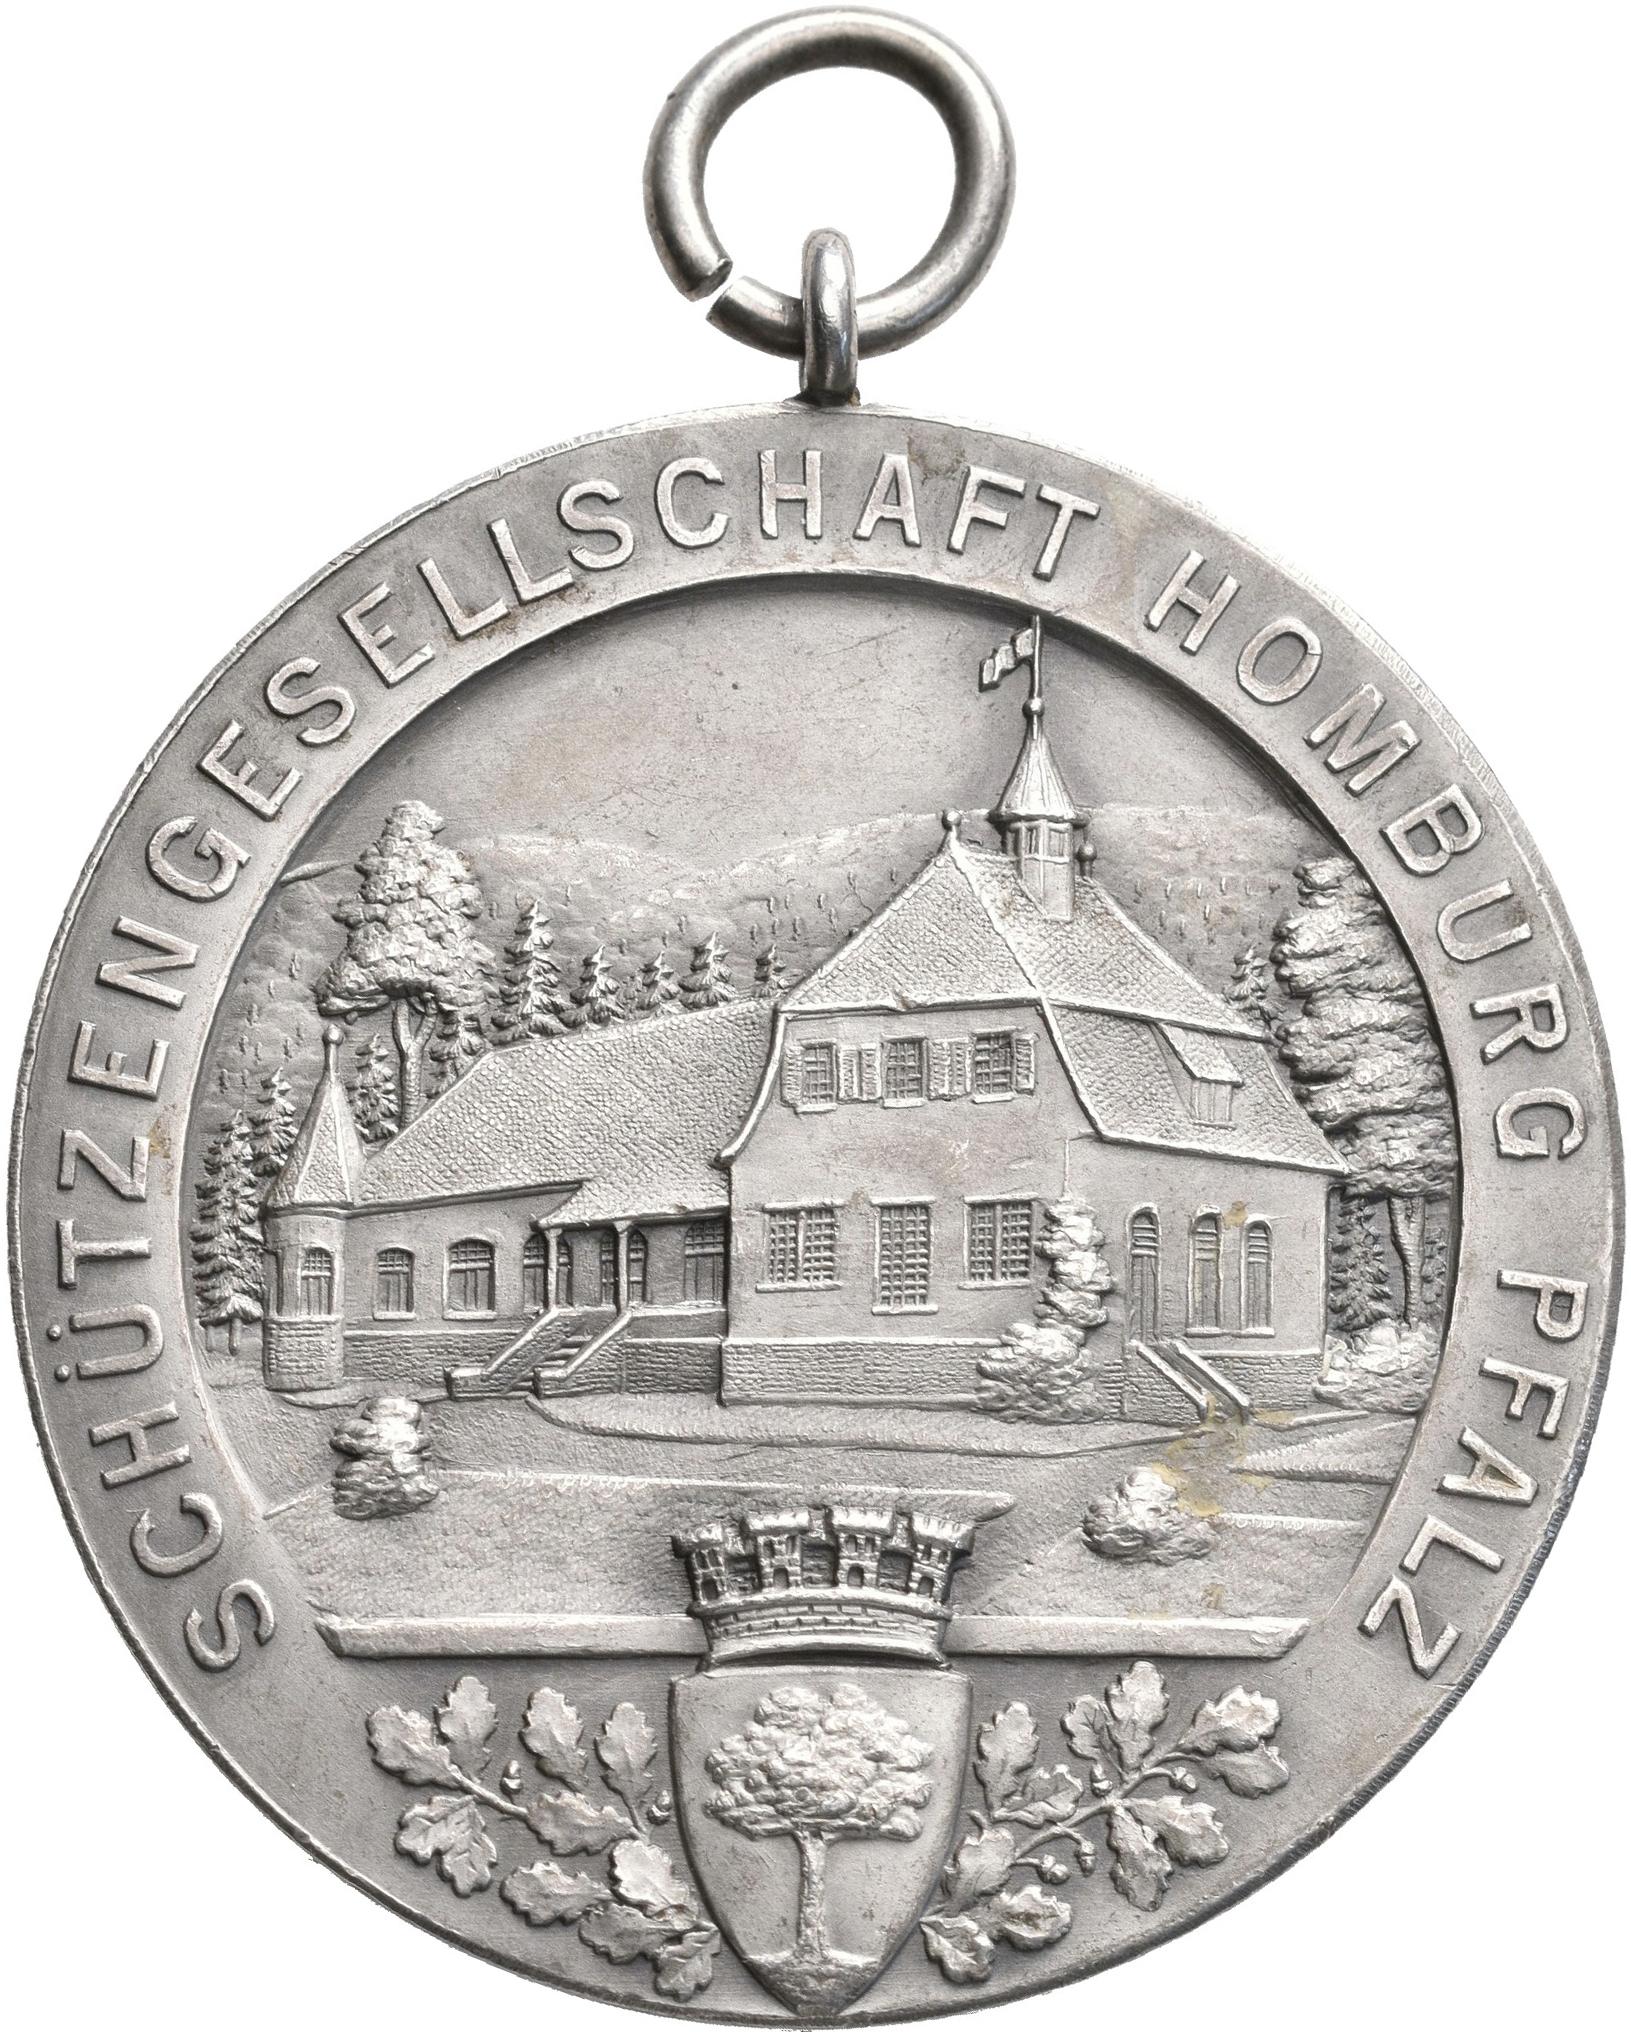 Lot 02407 - Medaillen Deutschland - Geographisch | Münzen  -  Auktionshaus Christoph Gärtner GmbH & Co. KG Sale #48 The Coins & The Picture Post Cards